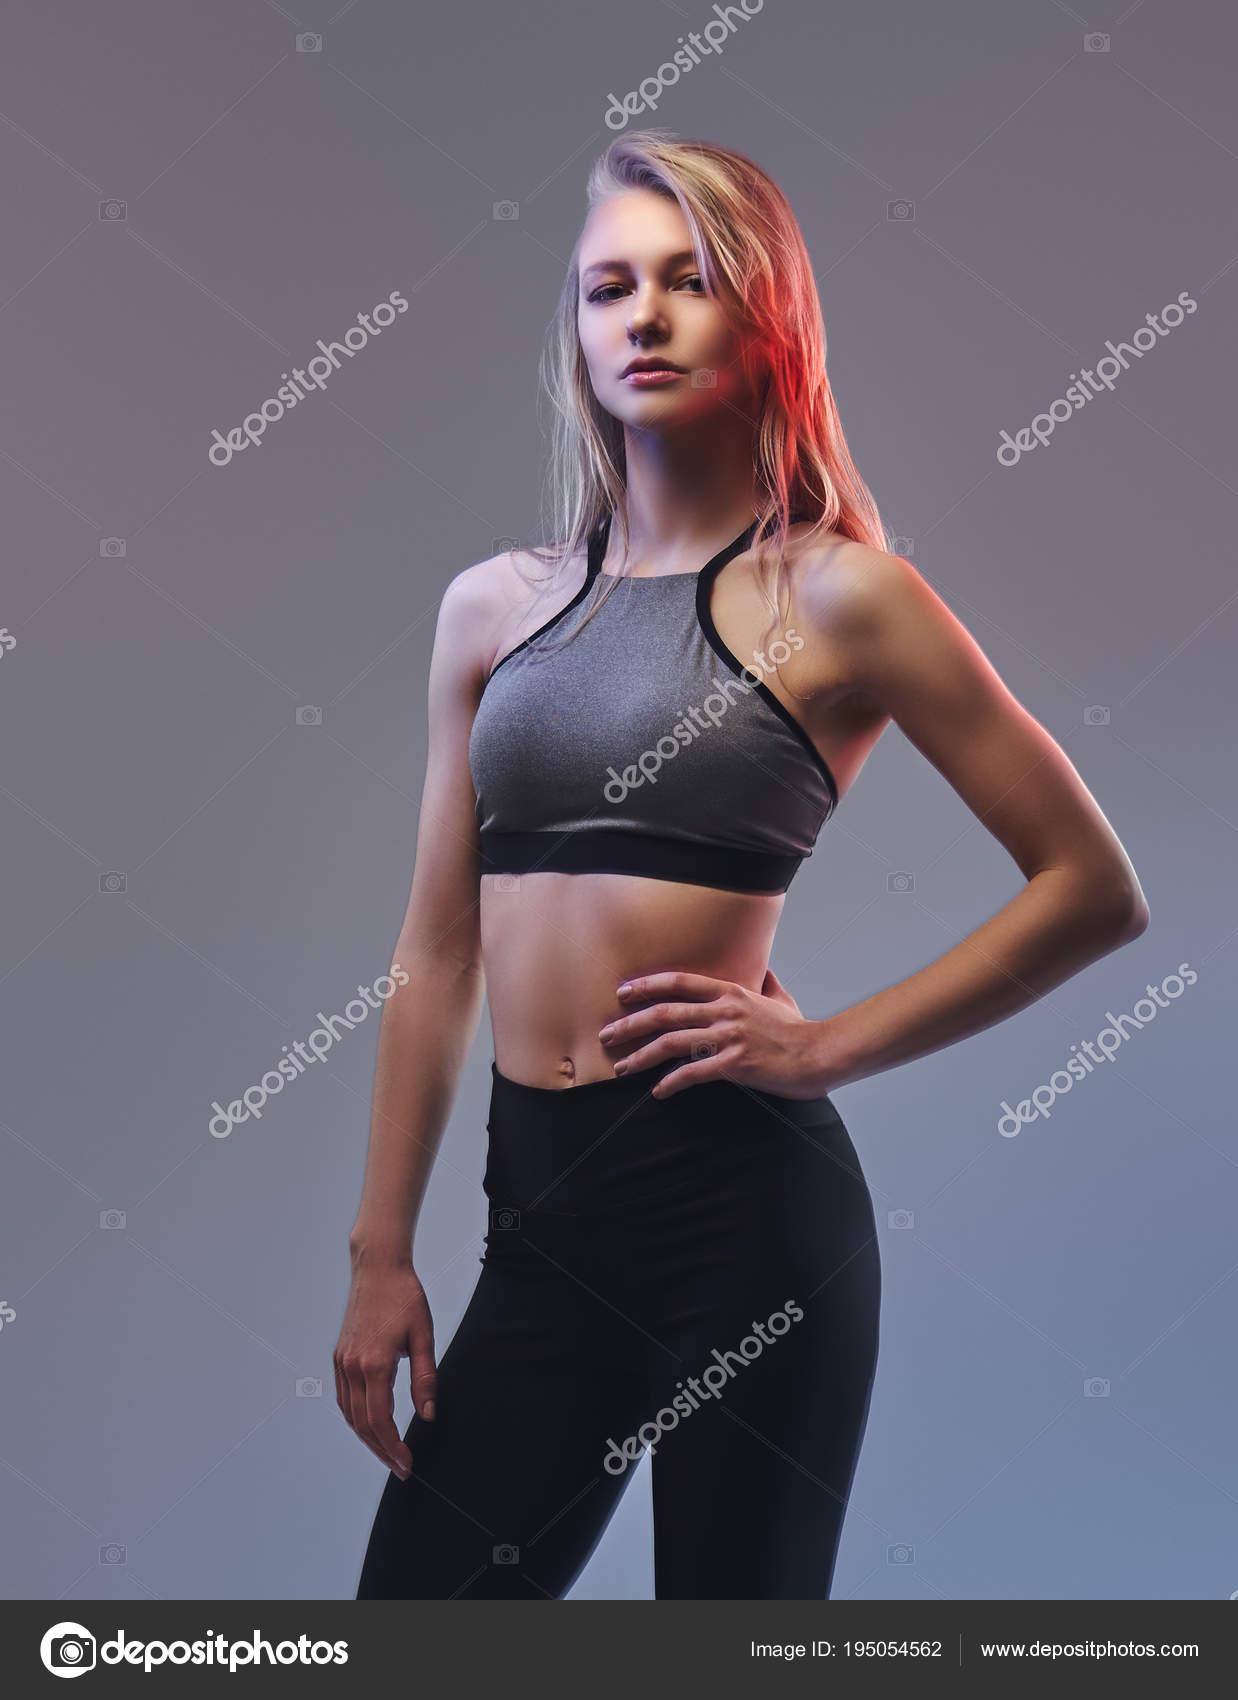 Сексуальная блондинка в спортивной форме